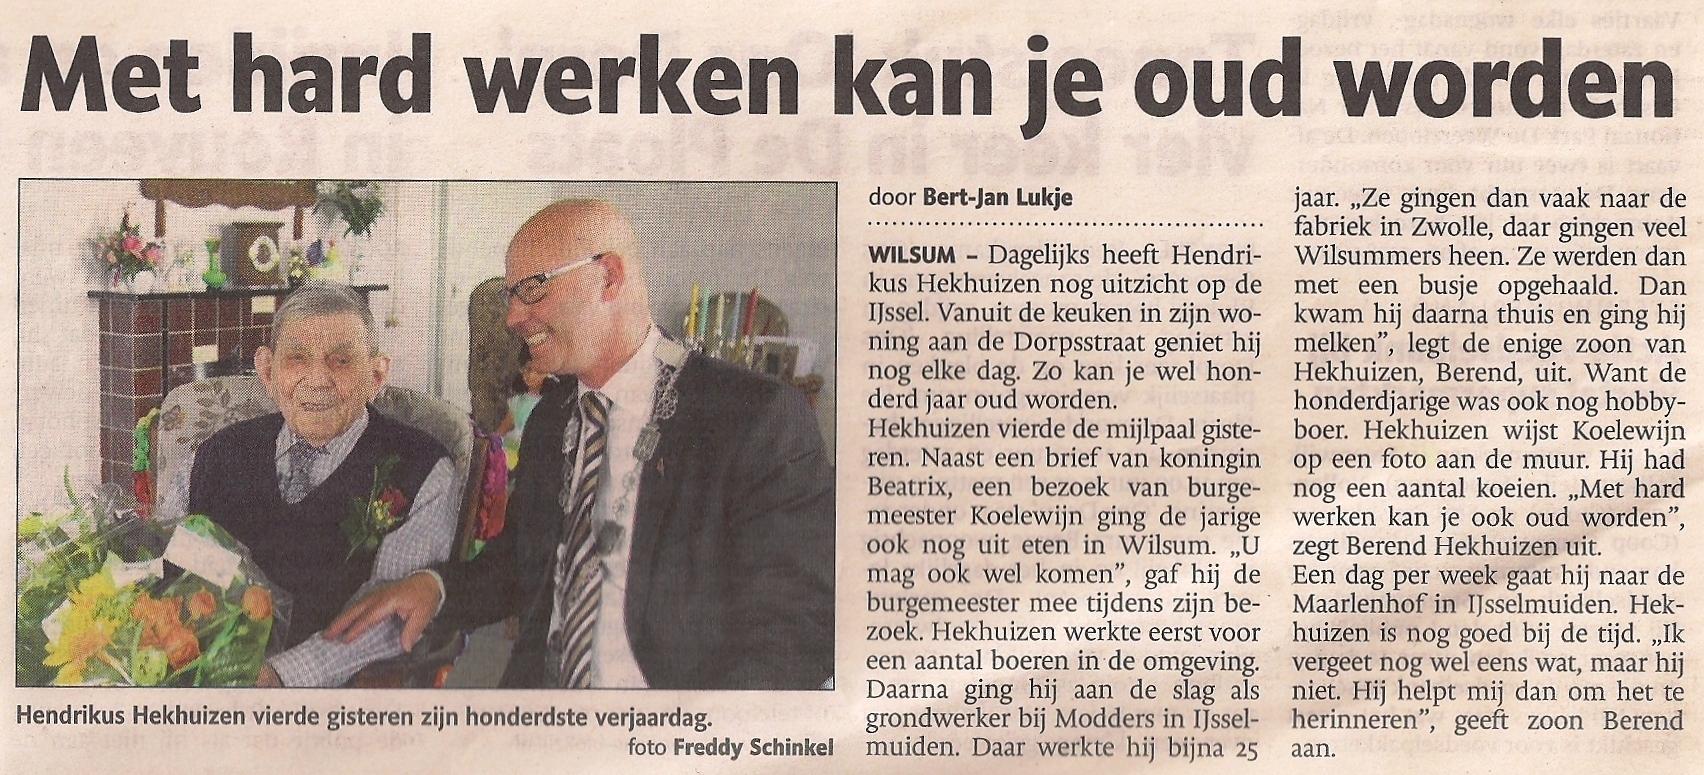 Hendrikus Hekhuizen 100 jaar.